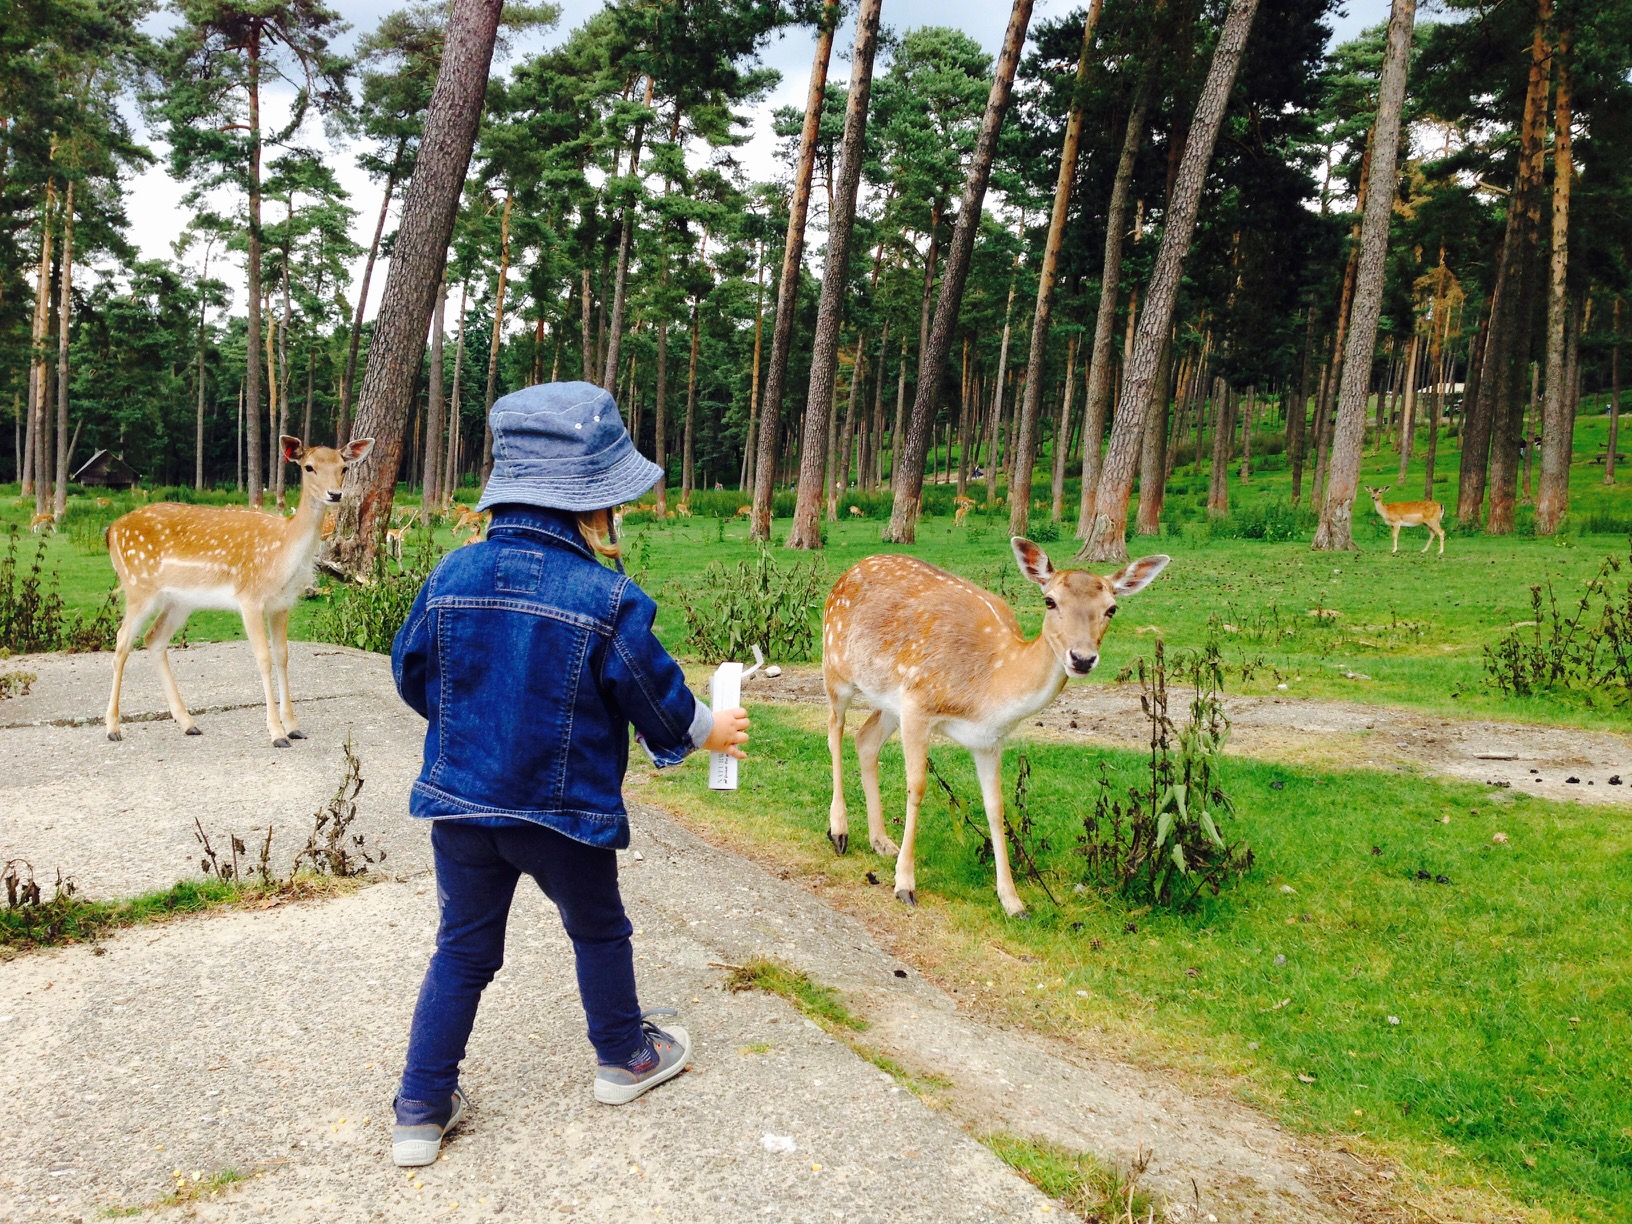 Rehe füttern im Naturwildpark Granat in Haltern